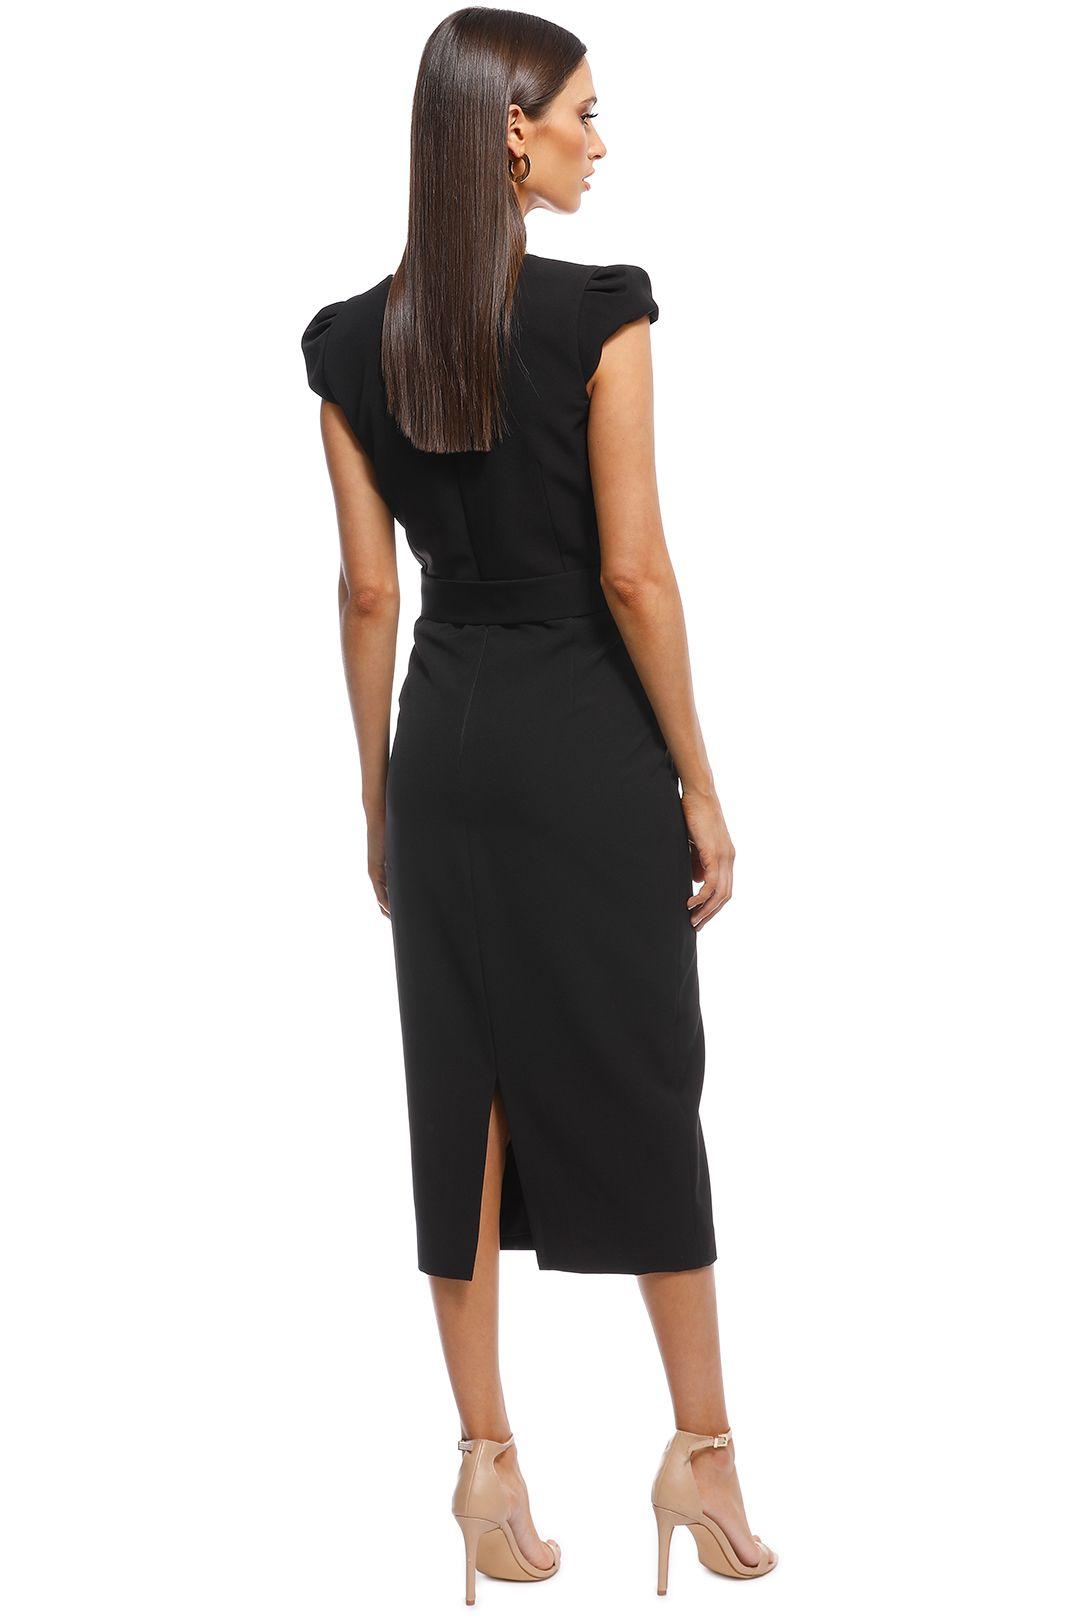 Unspoken - Audrey Dress - Black - Back